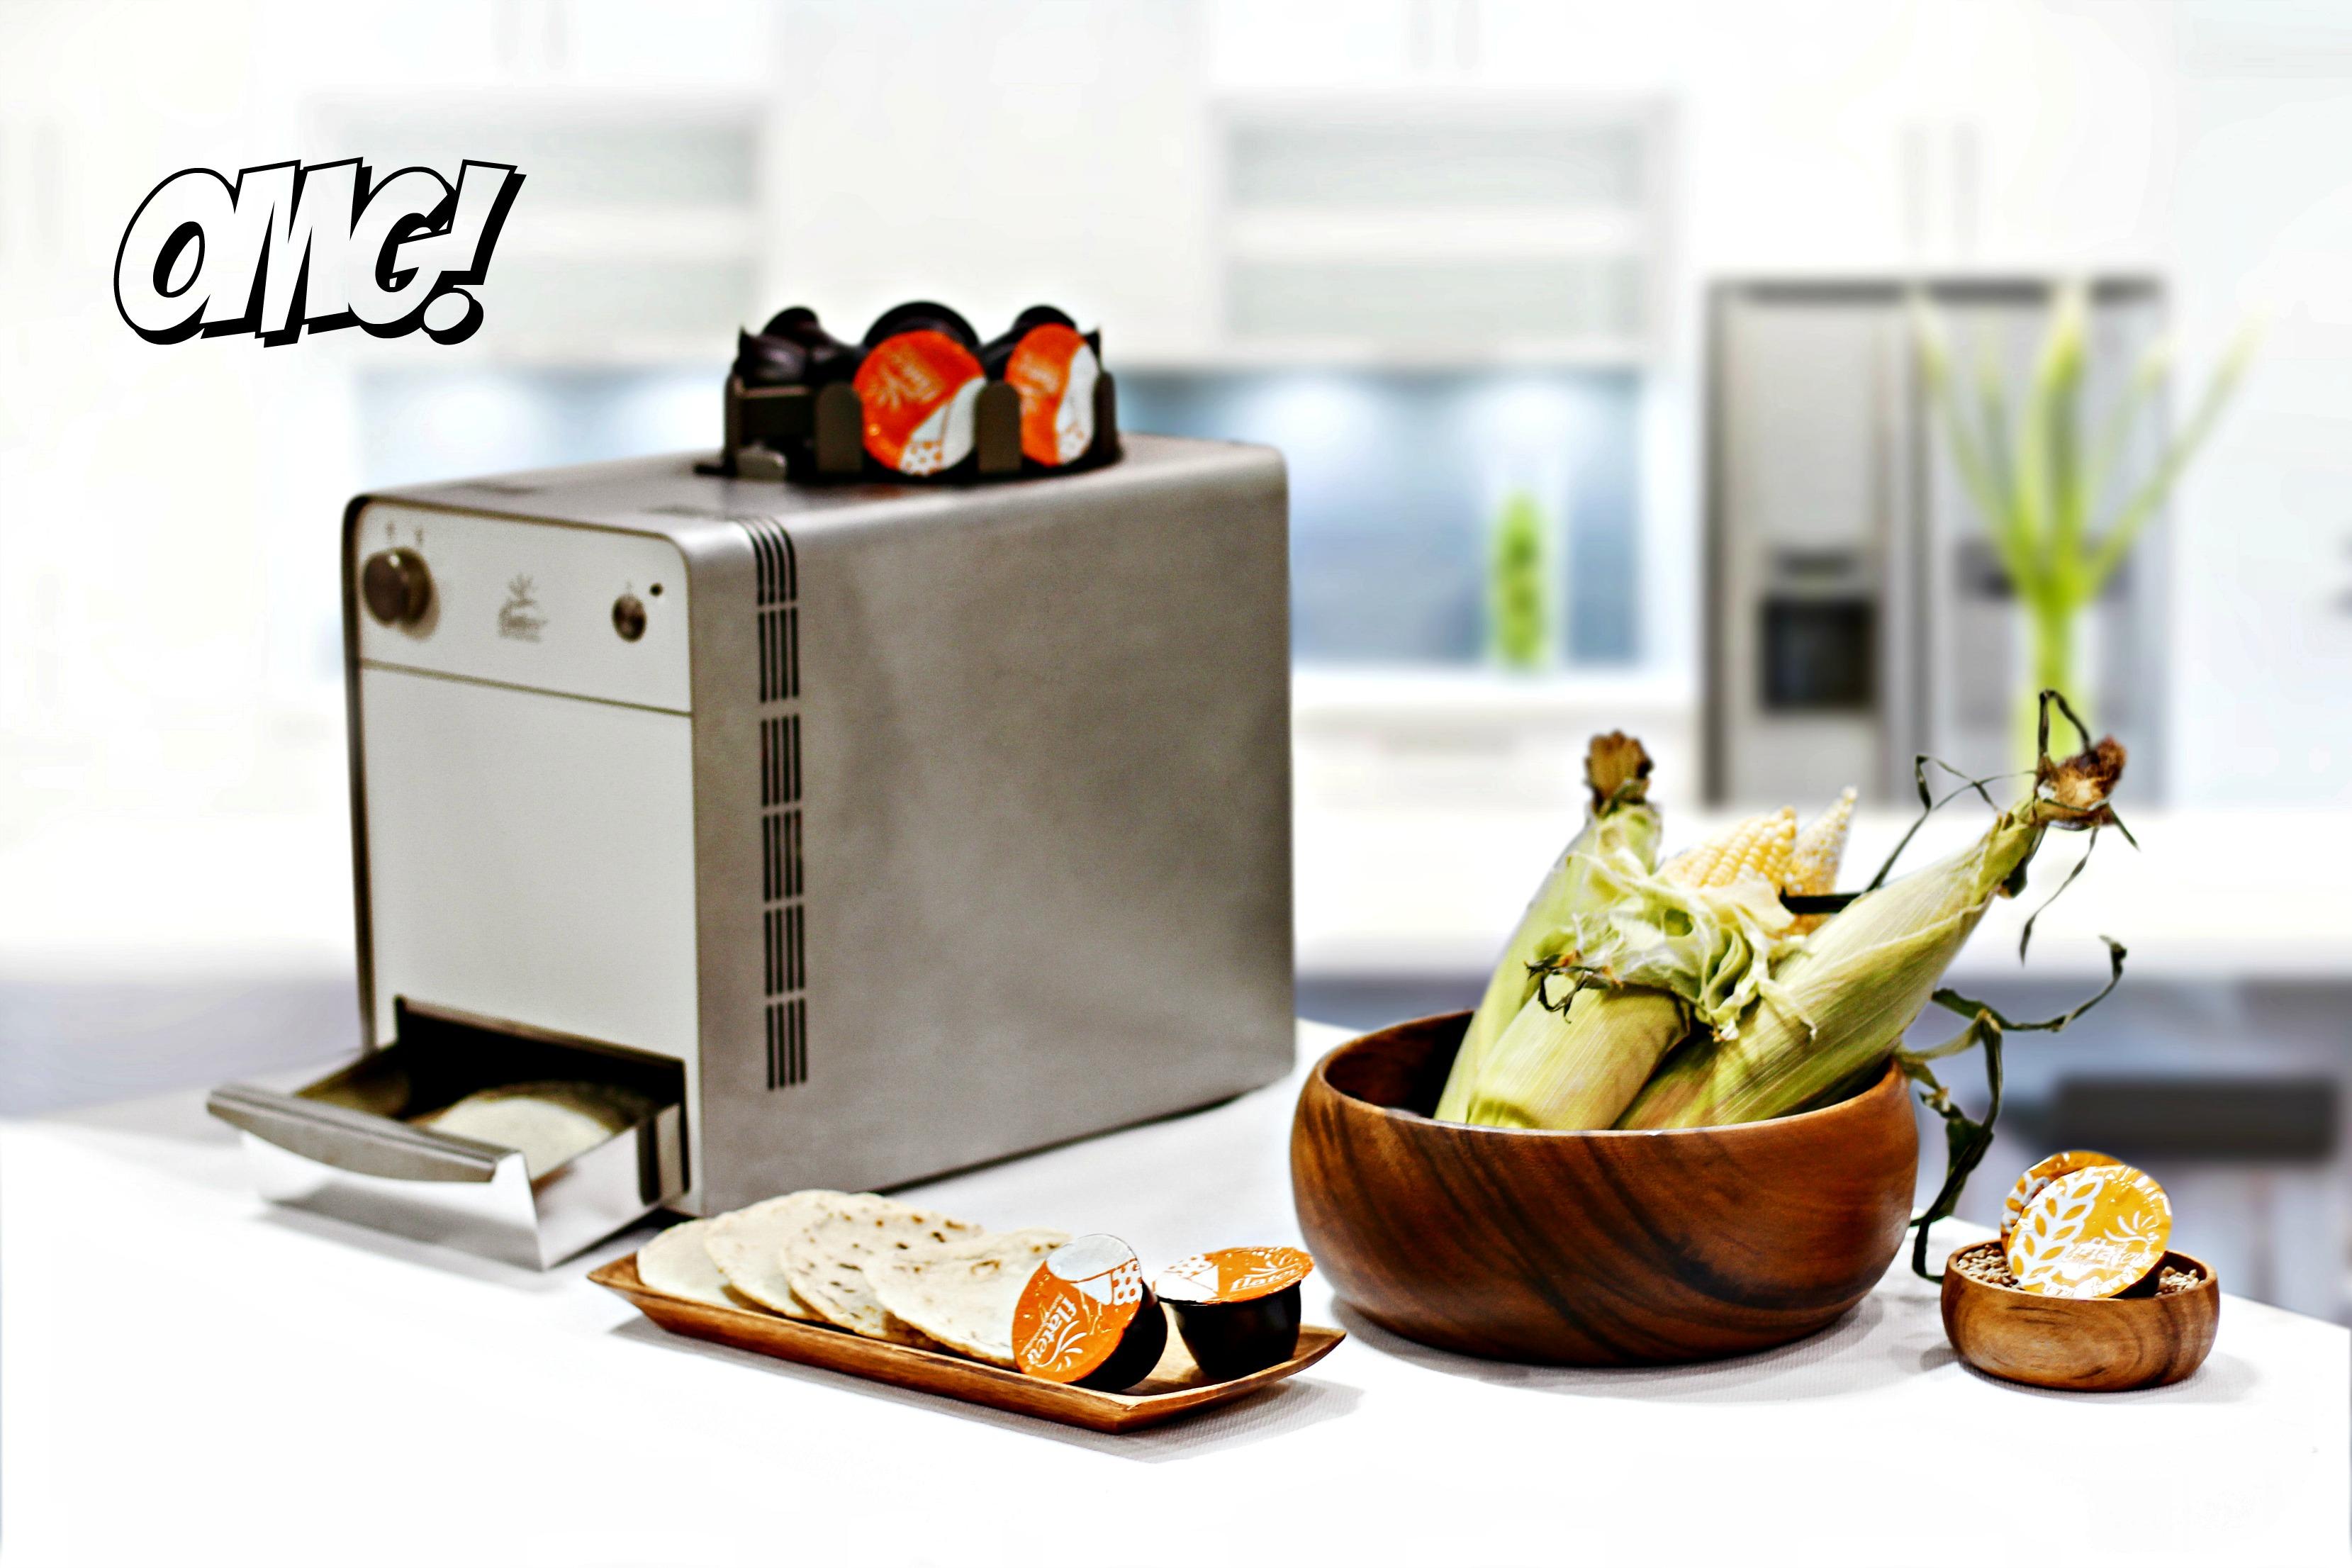 La Máquina Que Promete Hacer Tortillas Tan Rápido Y Fácil